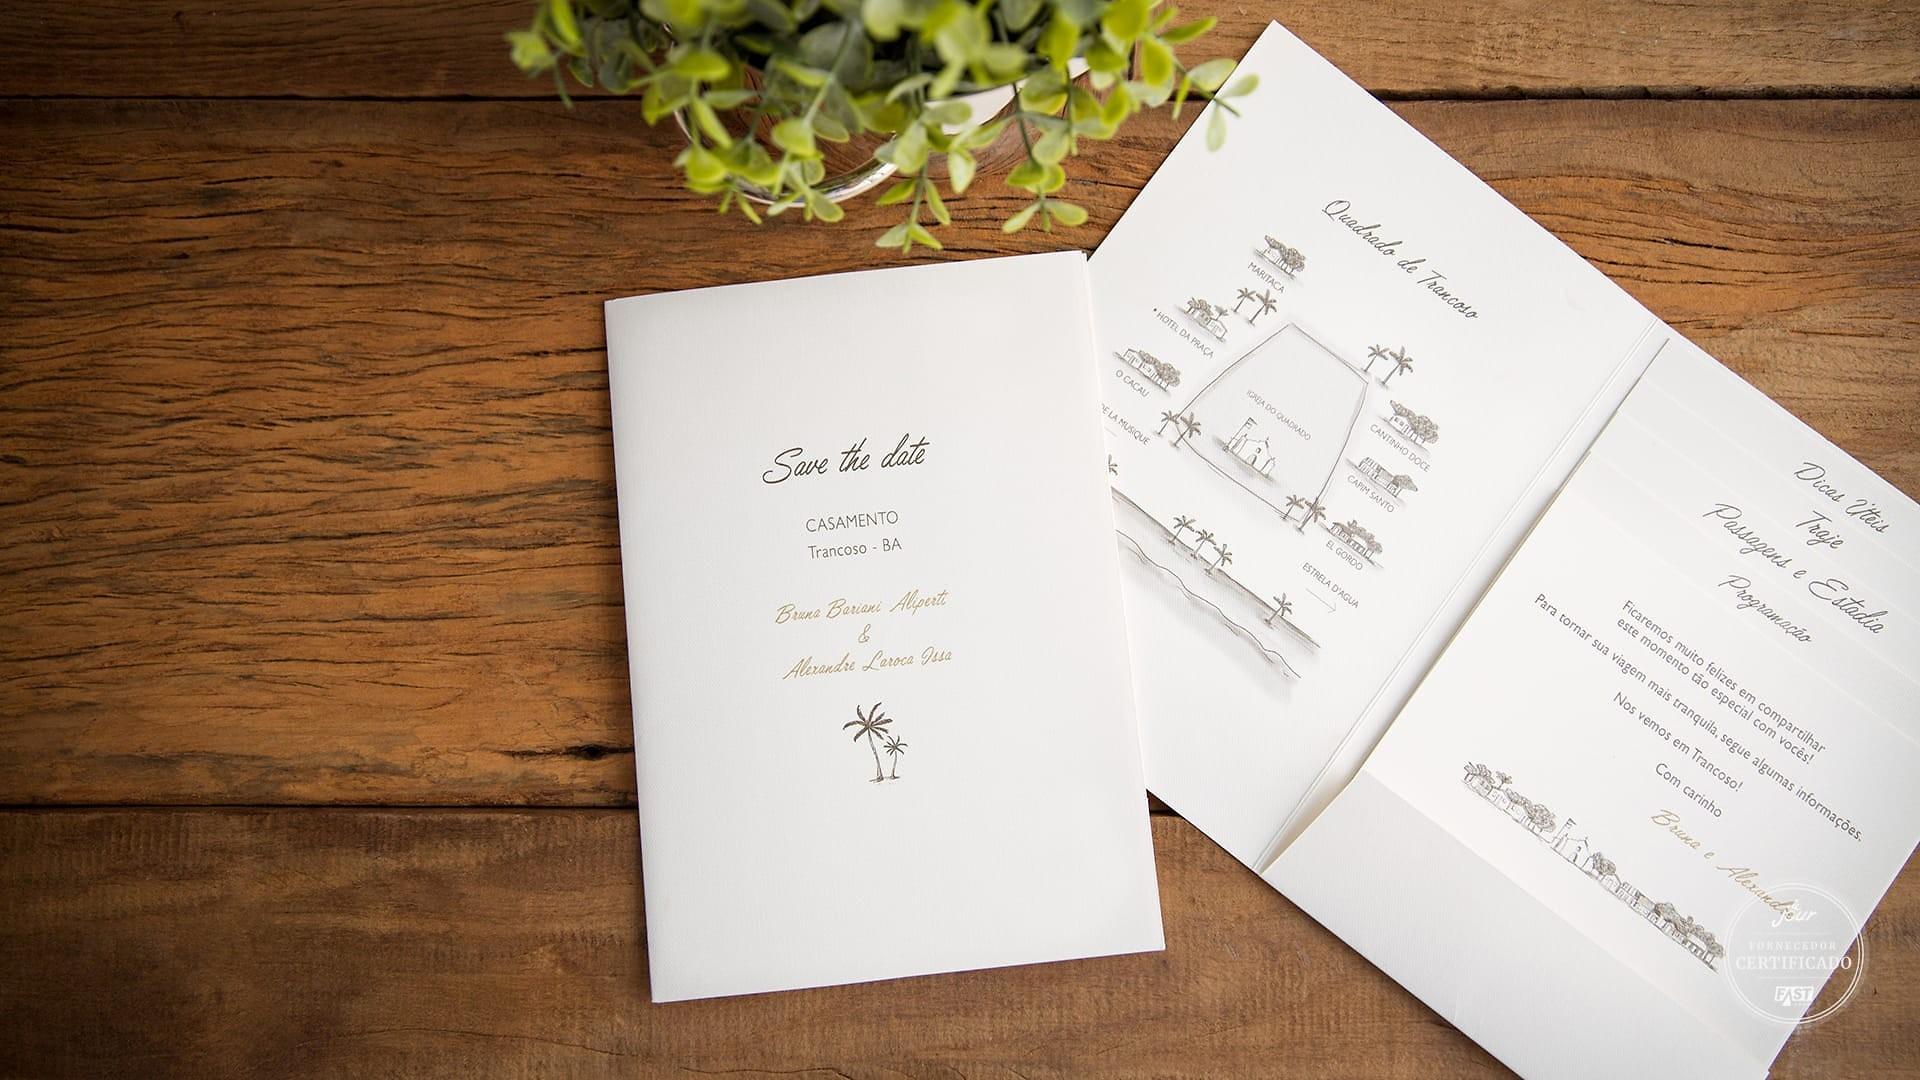 convite e papelaria para destination wedding